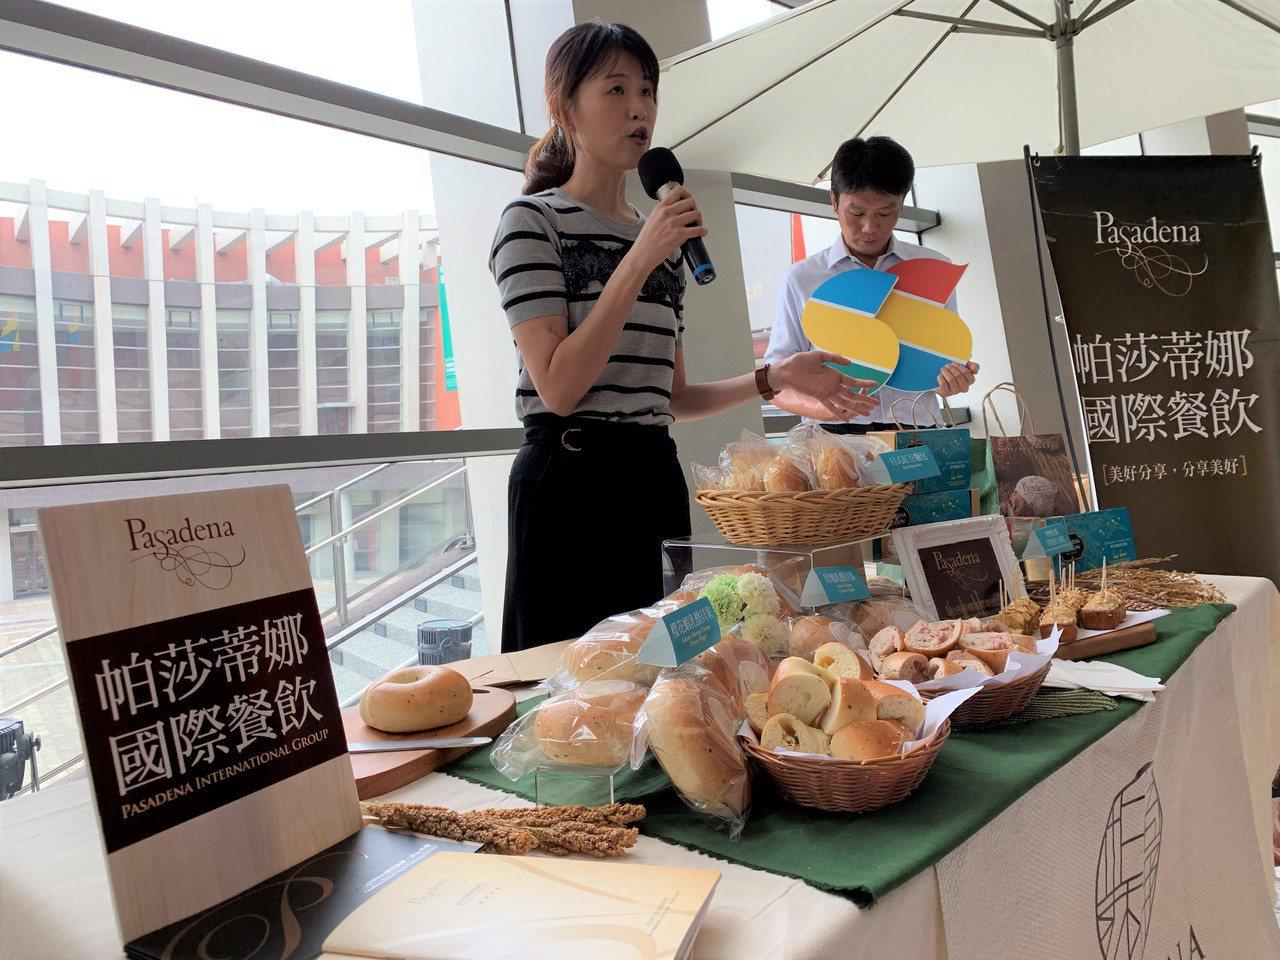 在今年的台湾设计展中,主办单位还特别邀请帕莎蒂娜烘焙坊开设Pop-up Shop...